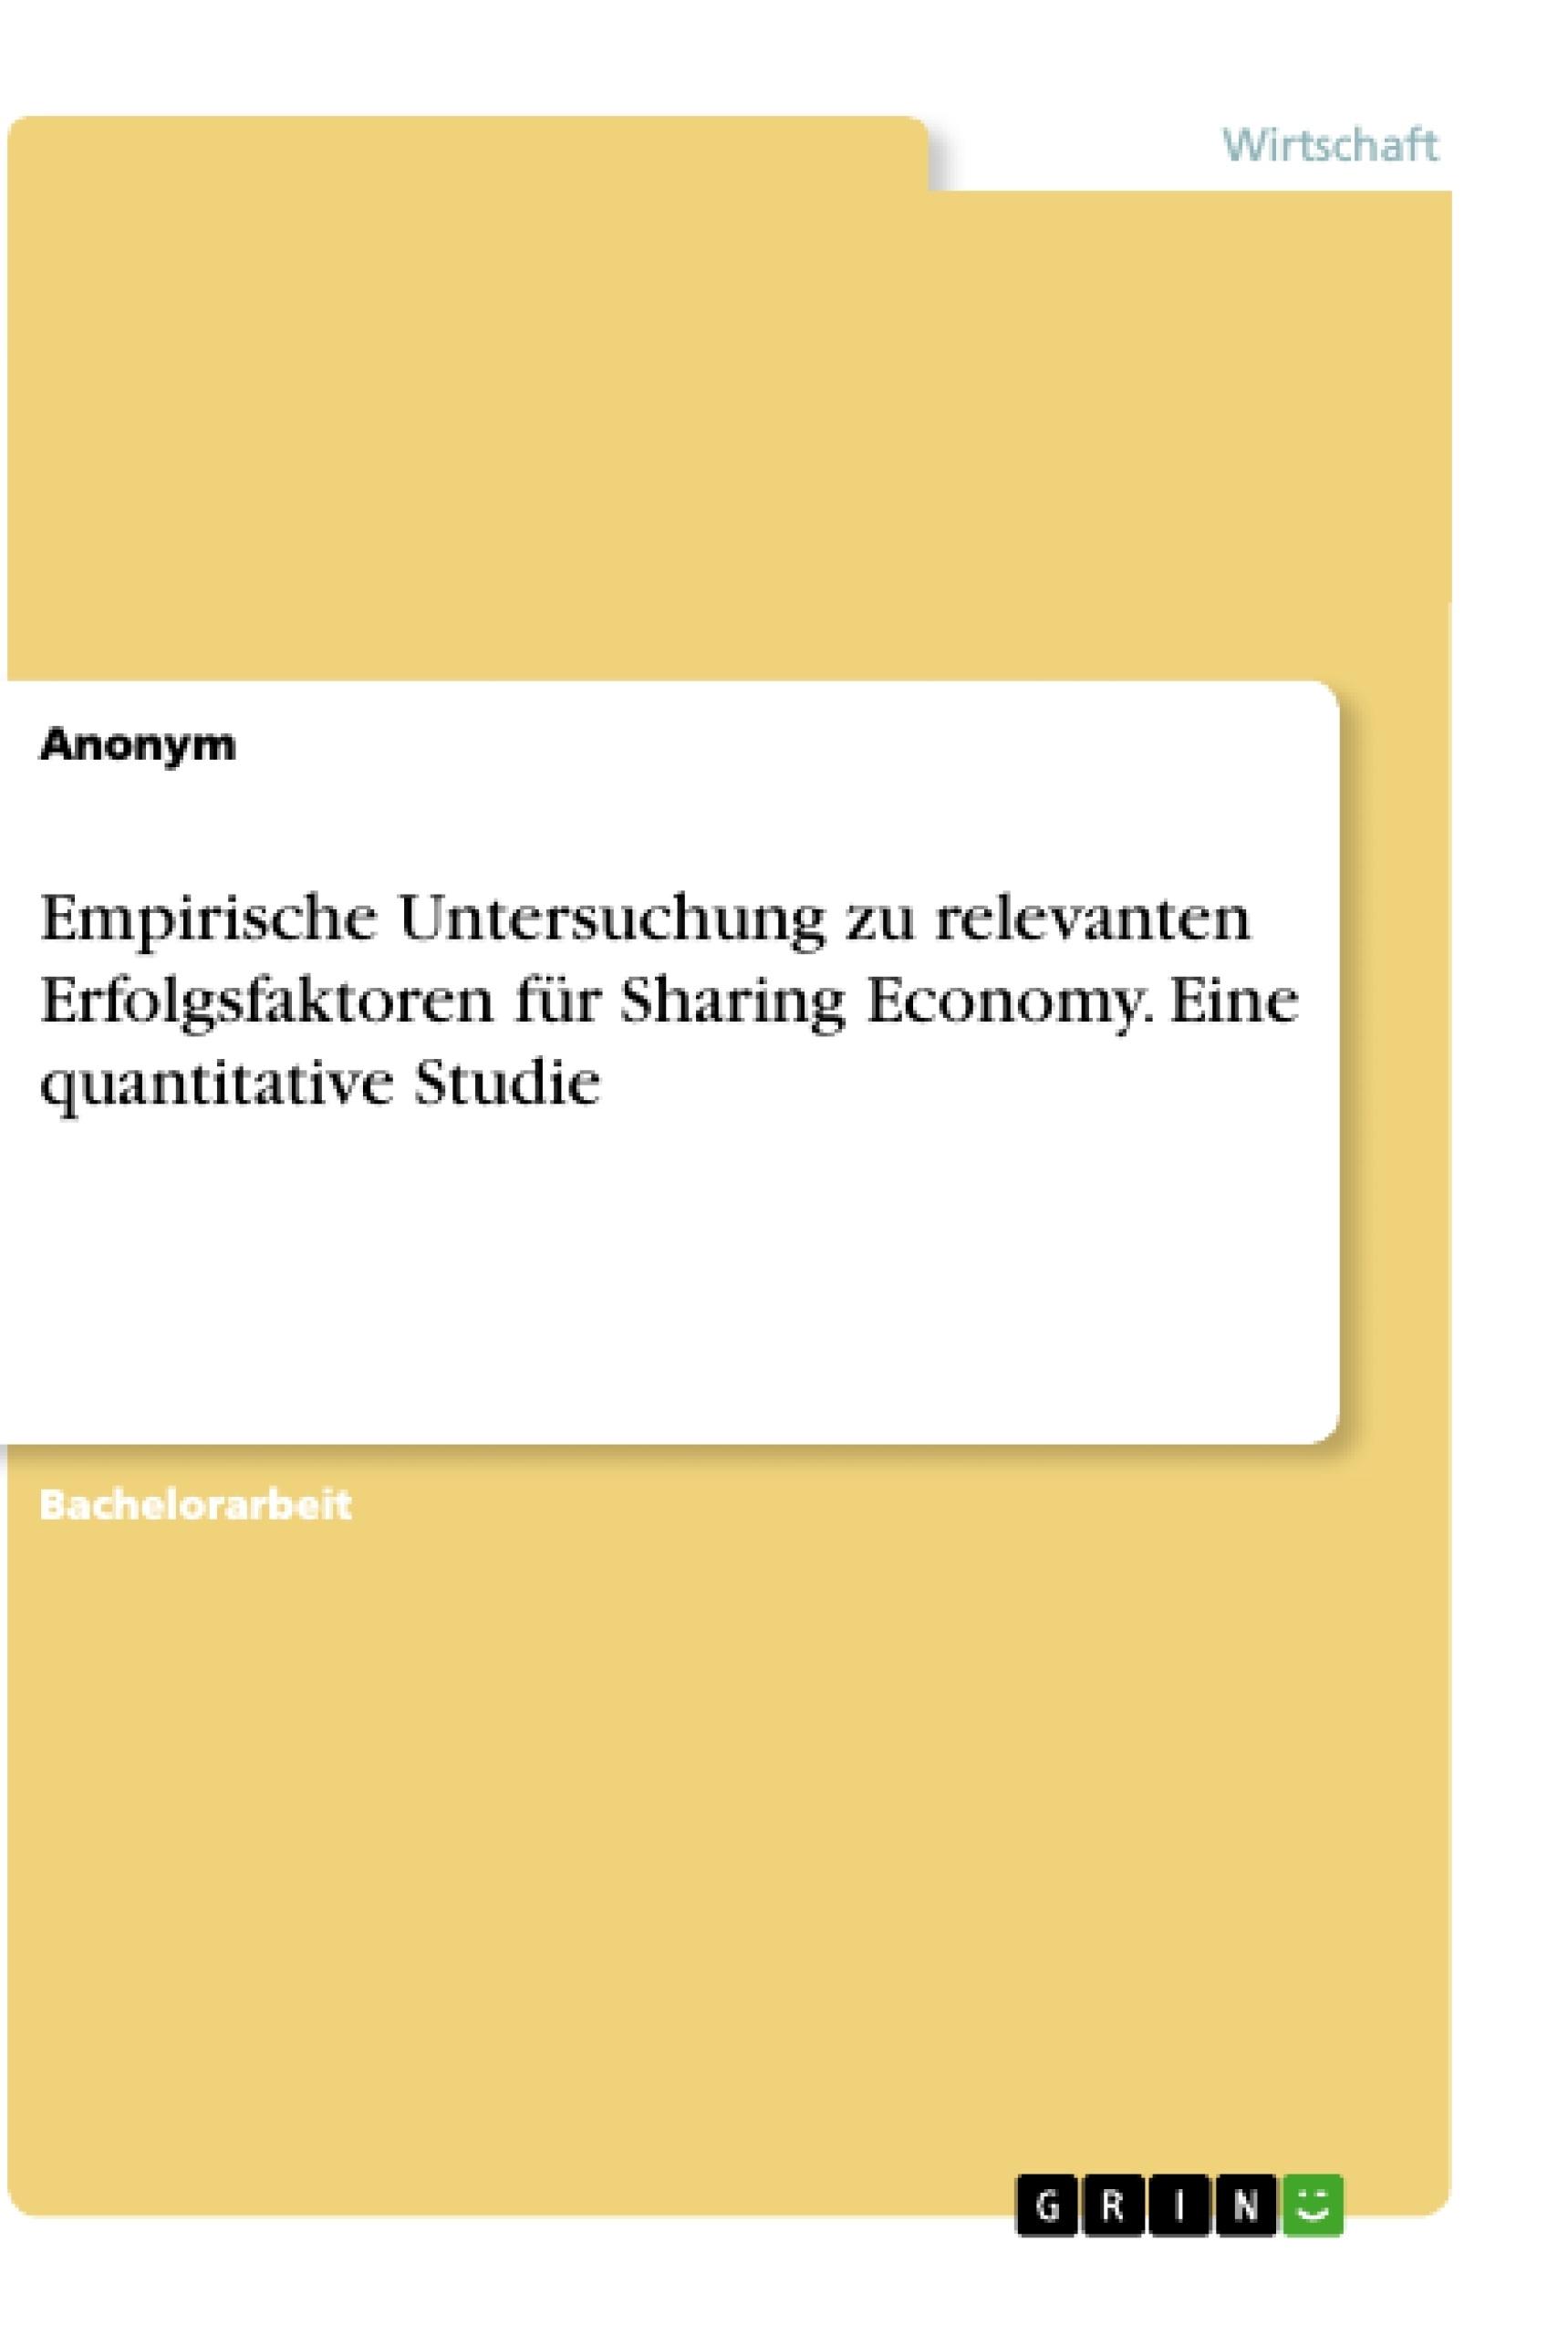 Titel: Empirische Untersuchung zu relevanten Erfolgsfaktoren für Sharing Economy. Eine quantitative Studie